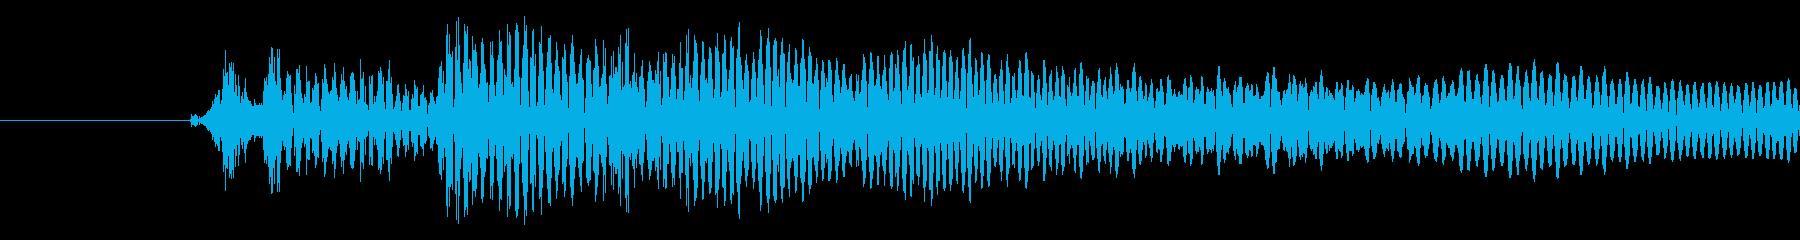 ポワッ(キャンセル音)の再生済みの波形